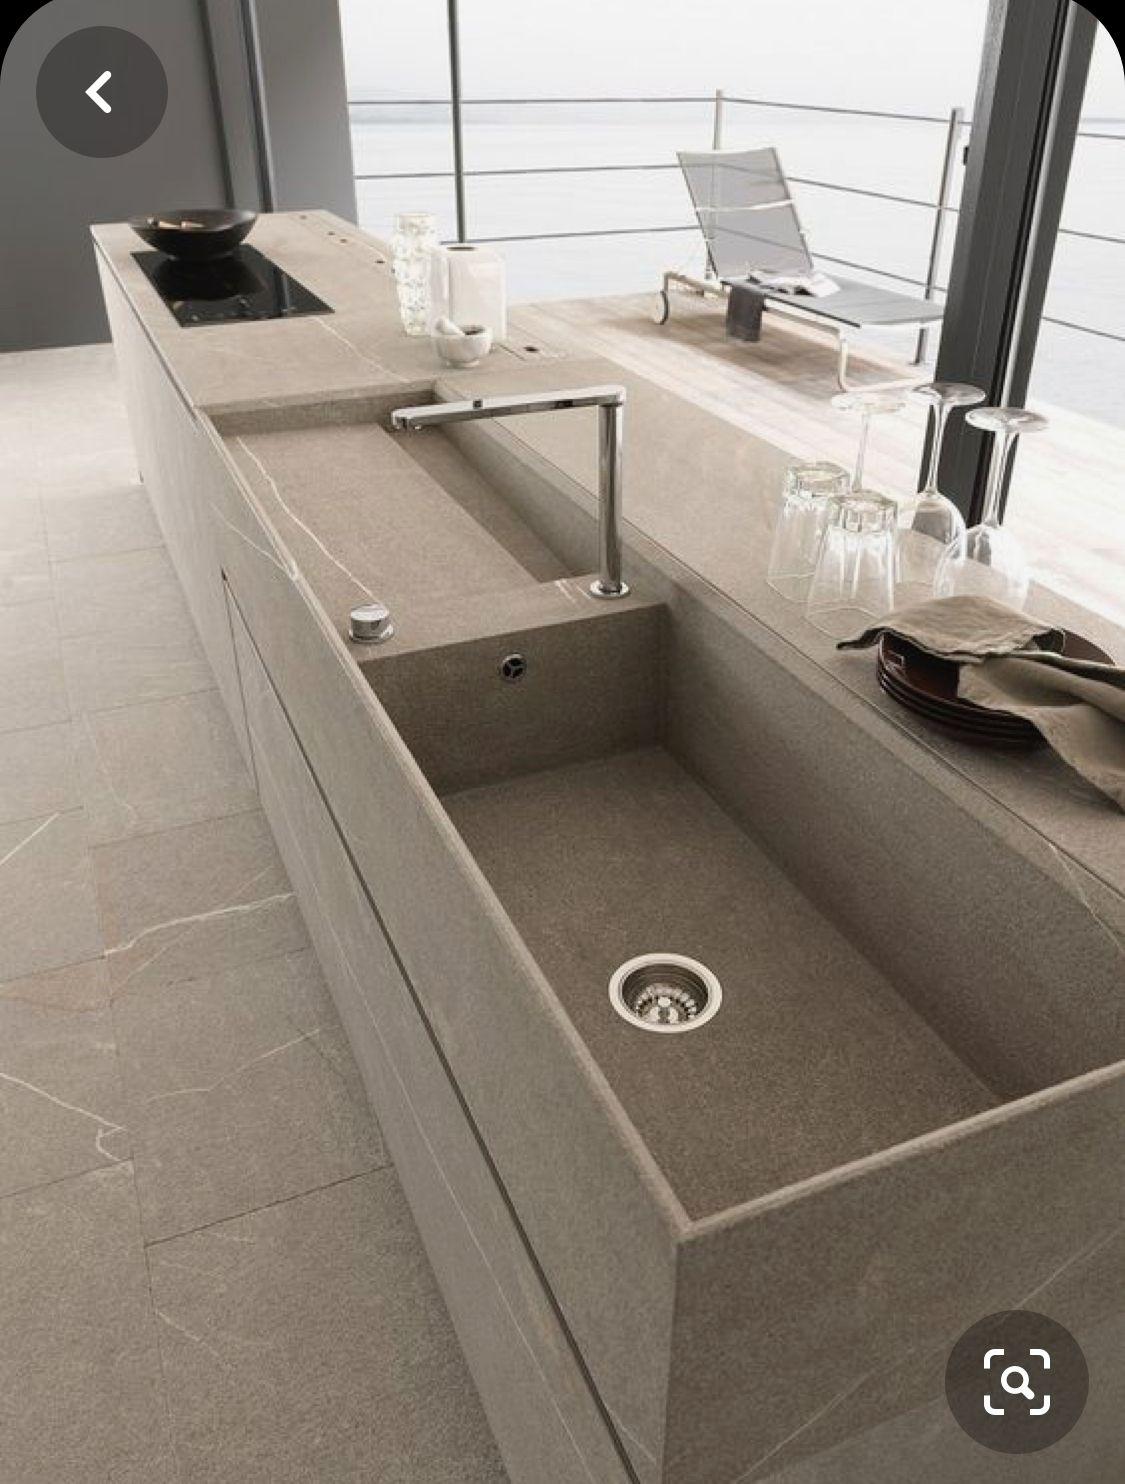 Pin by S G on Kitchen Sink in 2020 Modern kitchen design